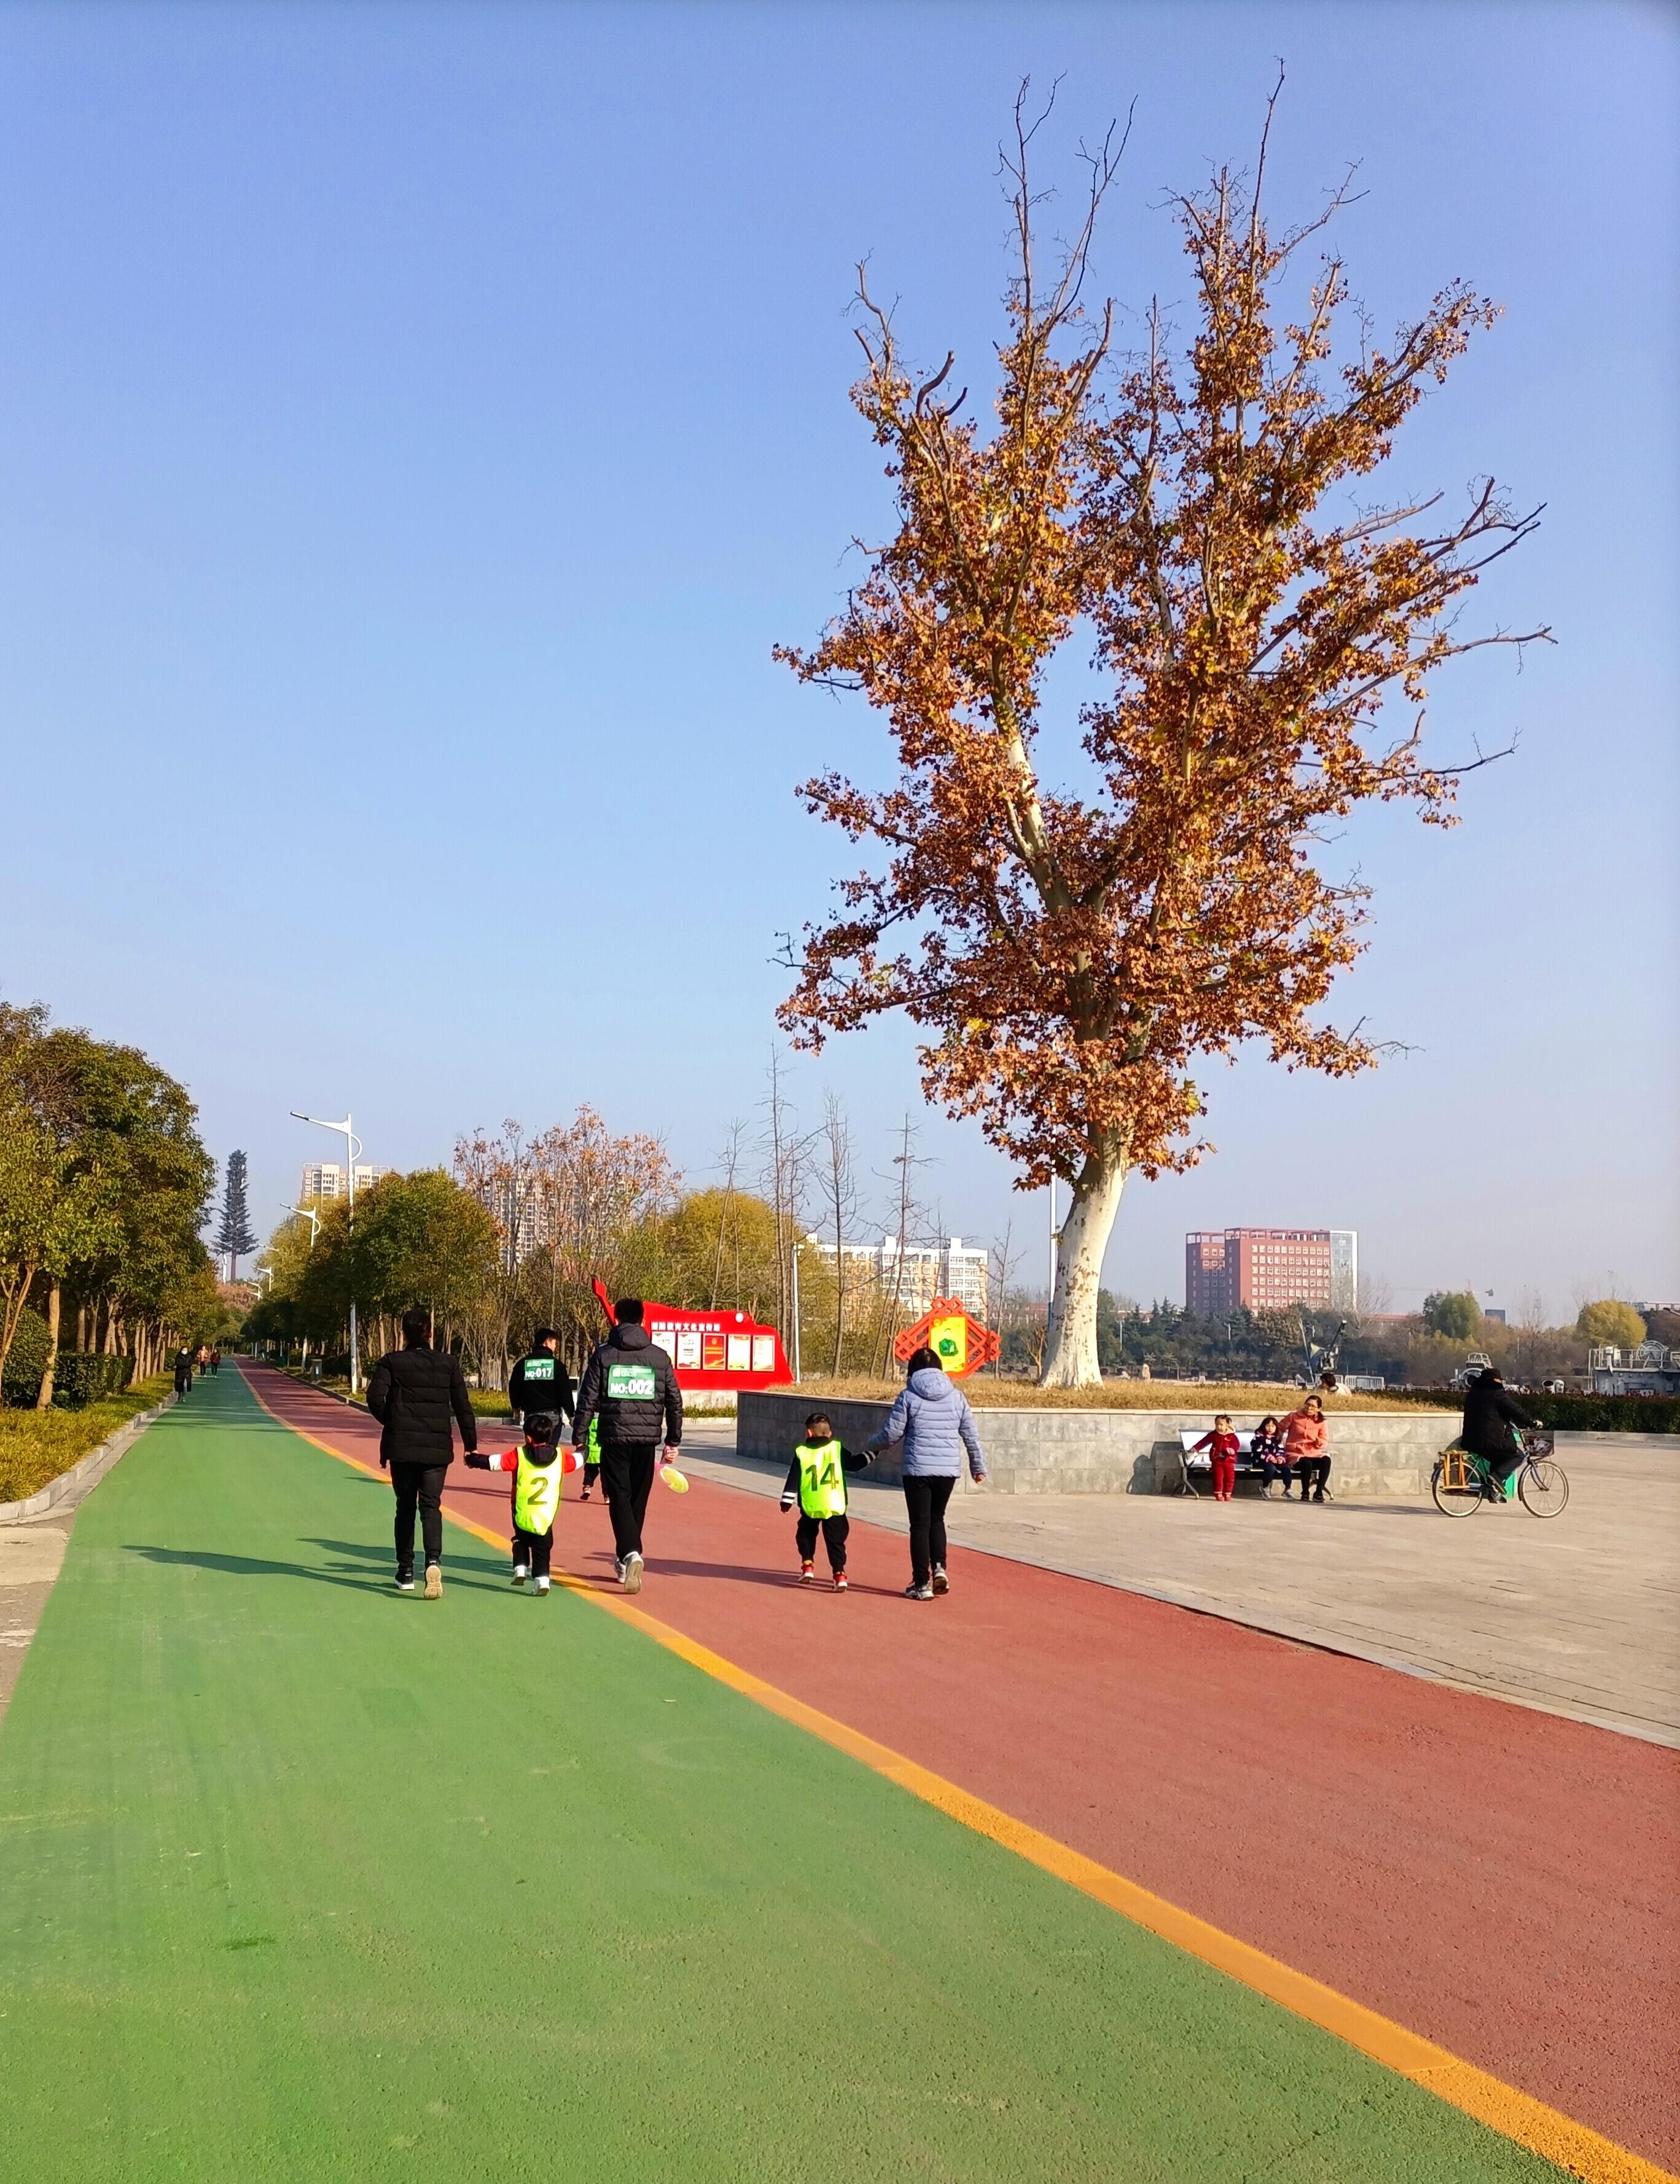 市民在公园享受周末时光